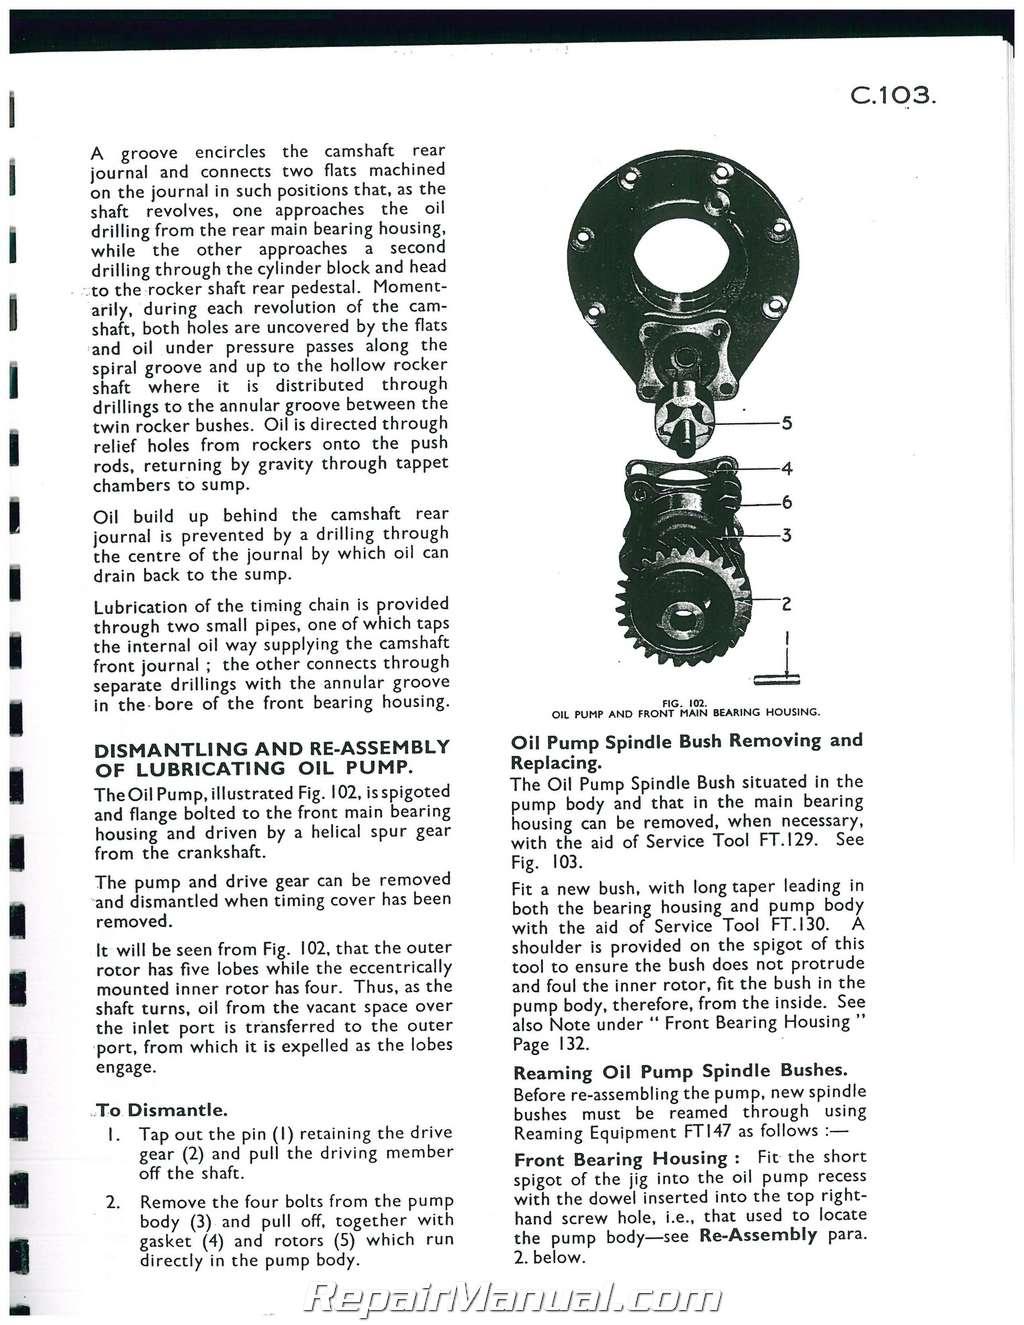 massey ferguson tea 20 ted 20 tractor service manual rh repairmanual com Cartoon Manual User Manual PDF